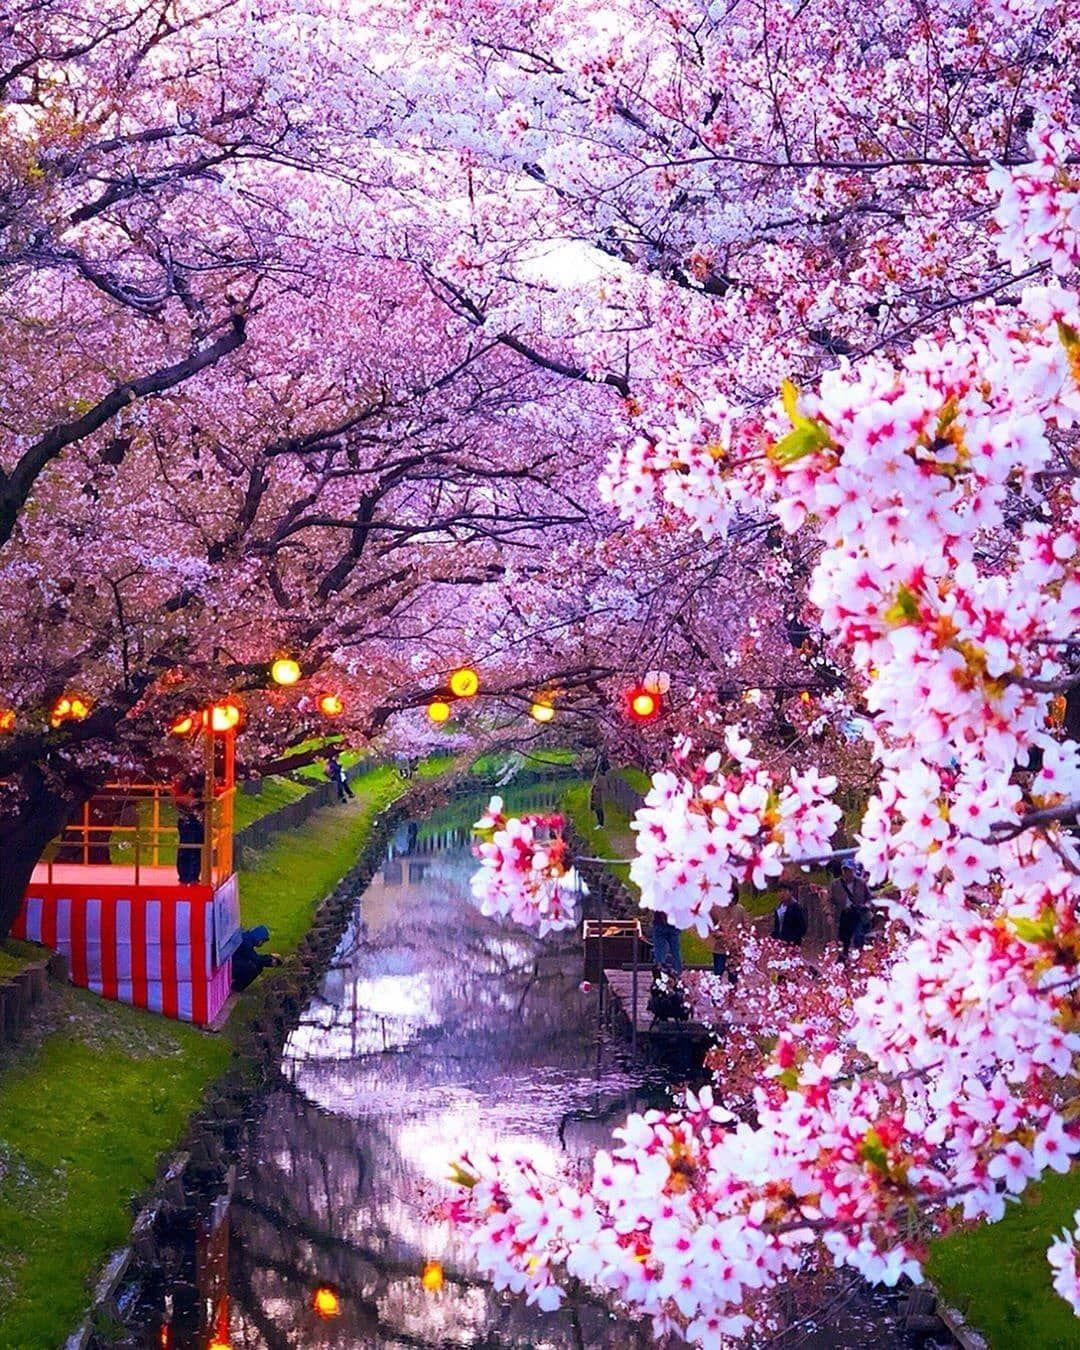 Cherry Blossoms At Shingashigawa River Saitama Japan Photos By Capkaieda Naturegeography Beautiful Nature Cherry Blossom Japan Tree Photography